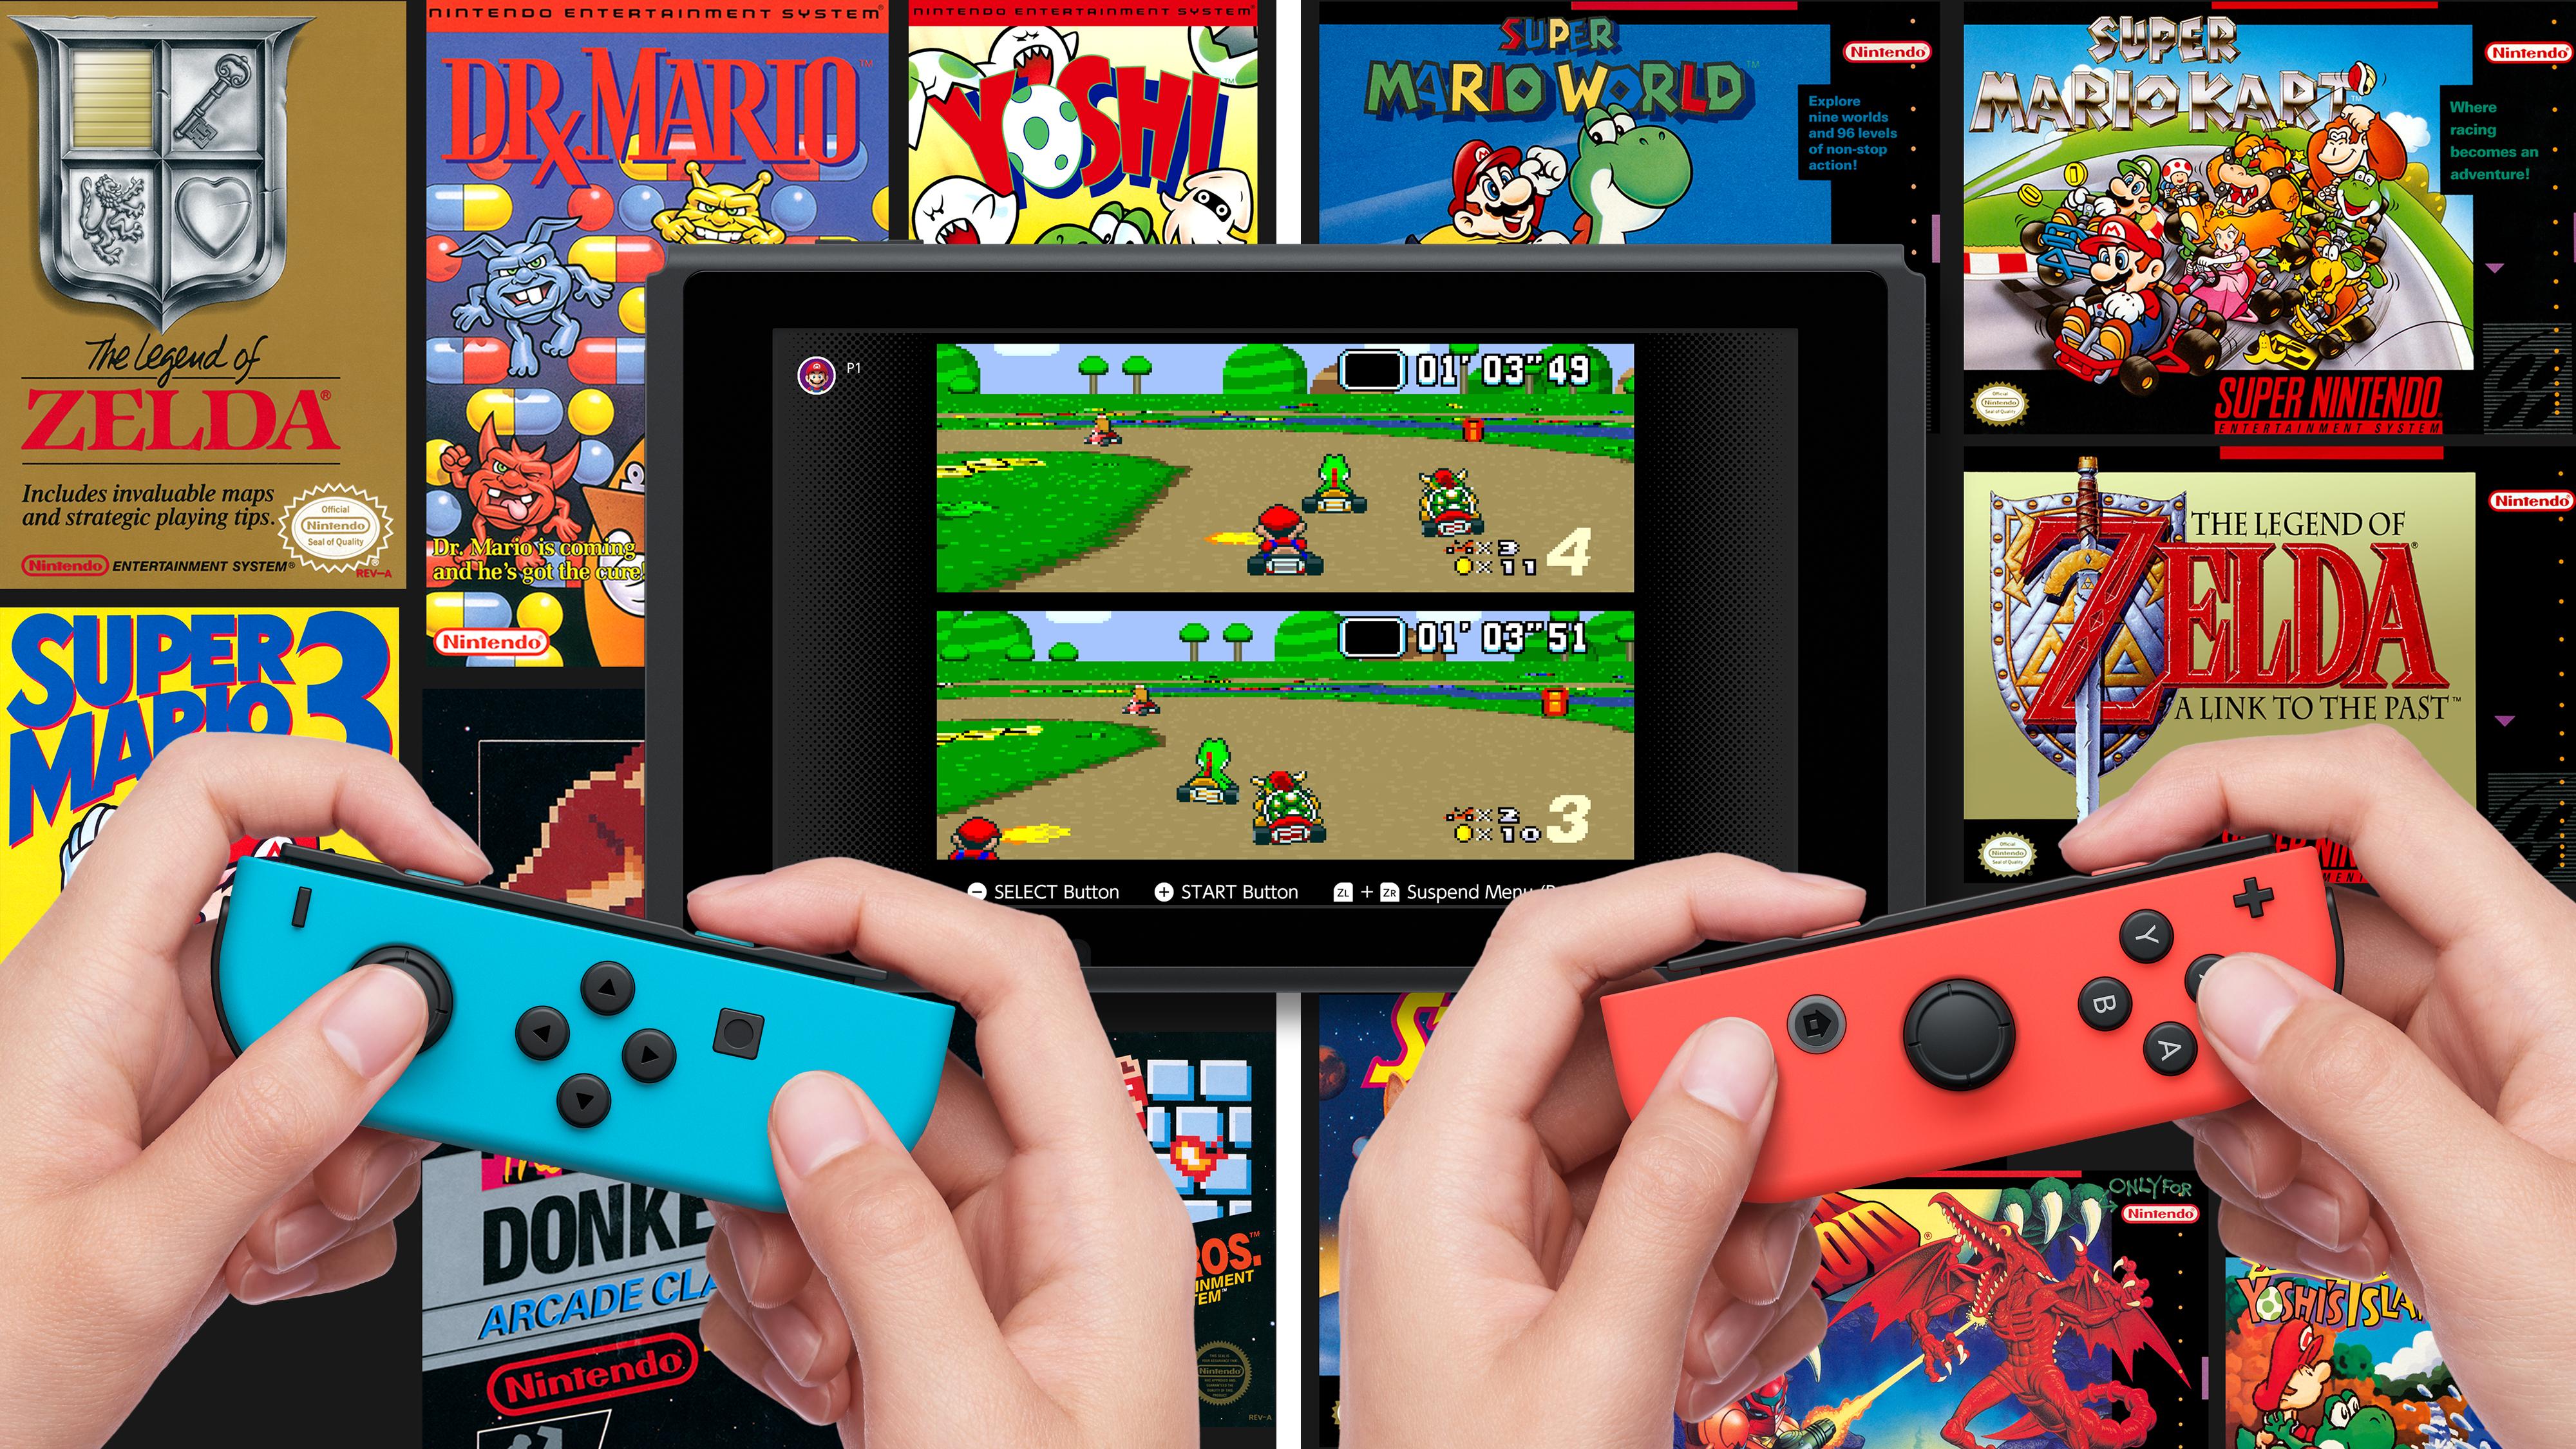 Nintendo Direct Sept  2019 Recap: All the Big Announcements